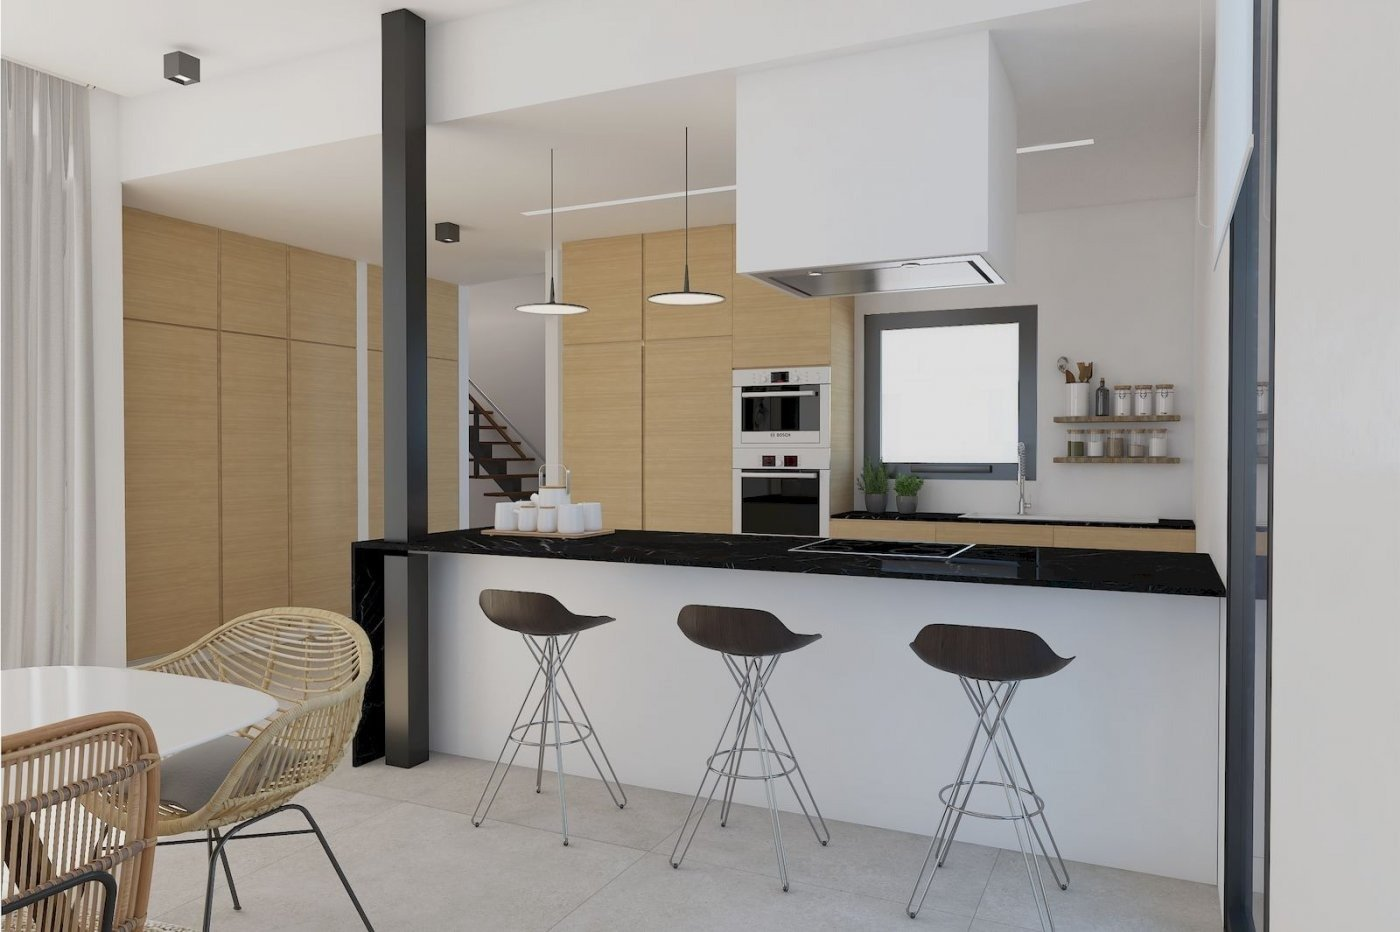 Villa de obra nueva de estilo moderno en venta en calpe a 600 m de la playa - imagenInmueble2